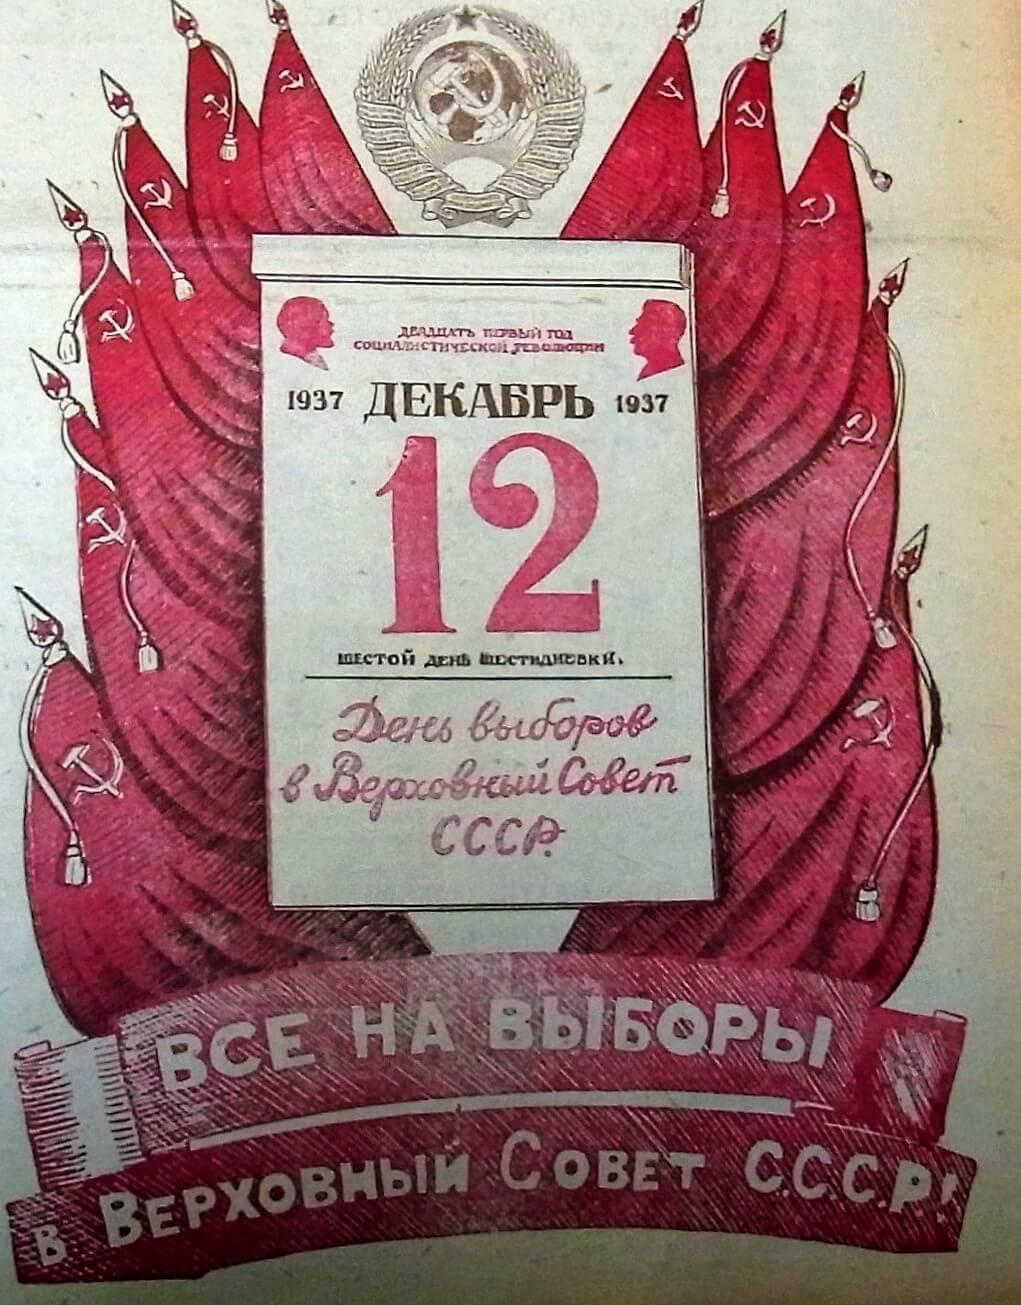 Soviet Newspapers analyzed with MAXQDA